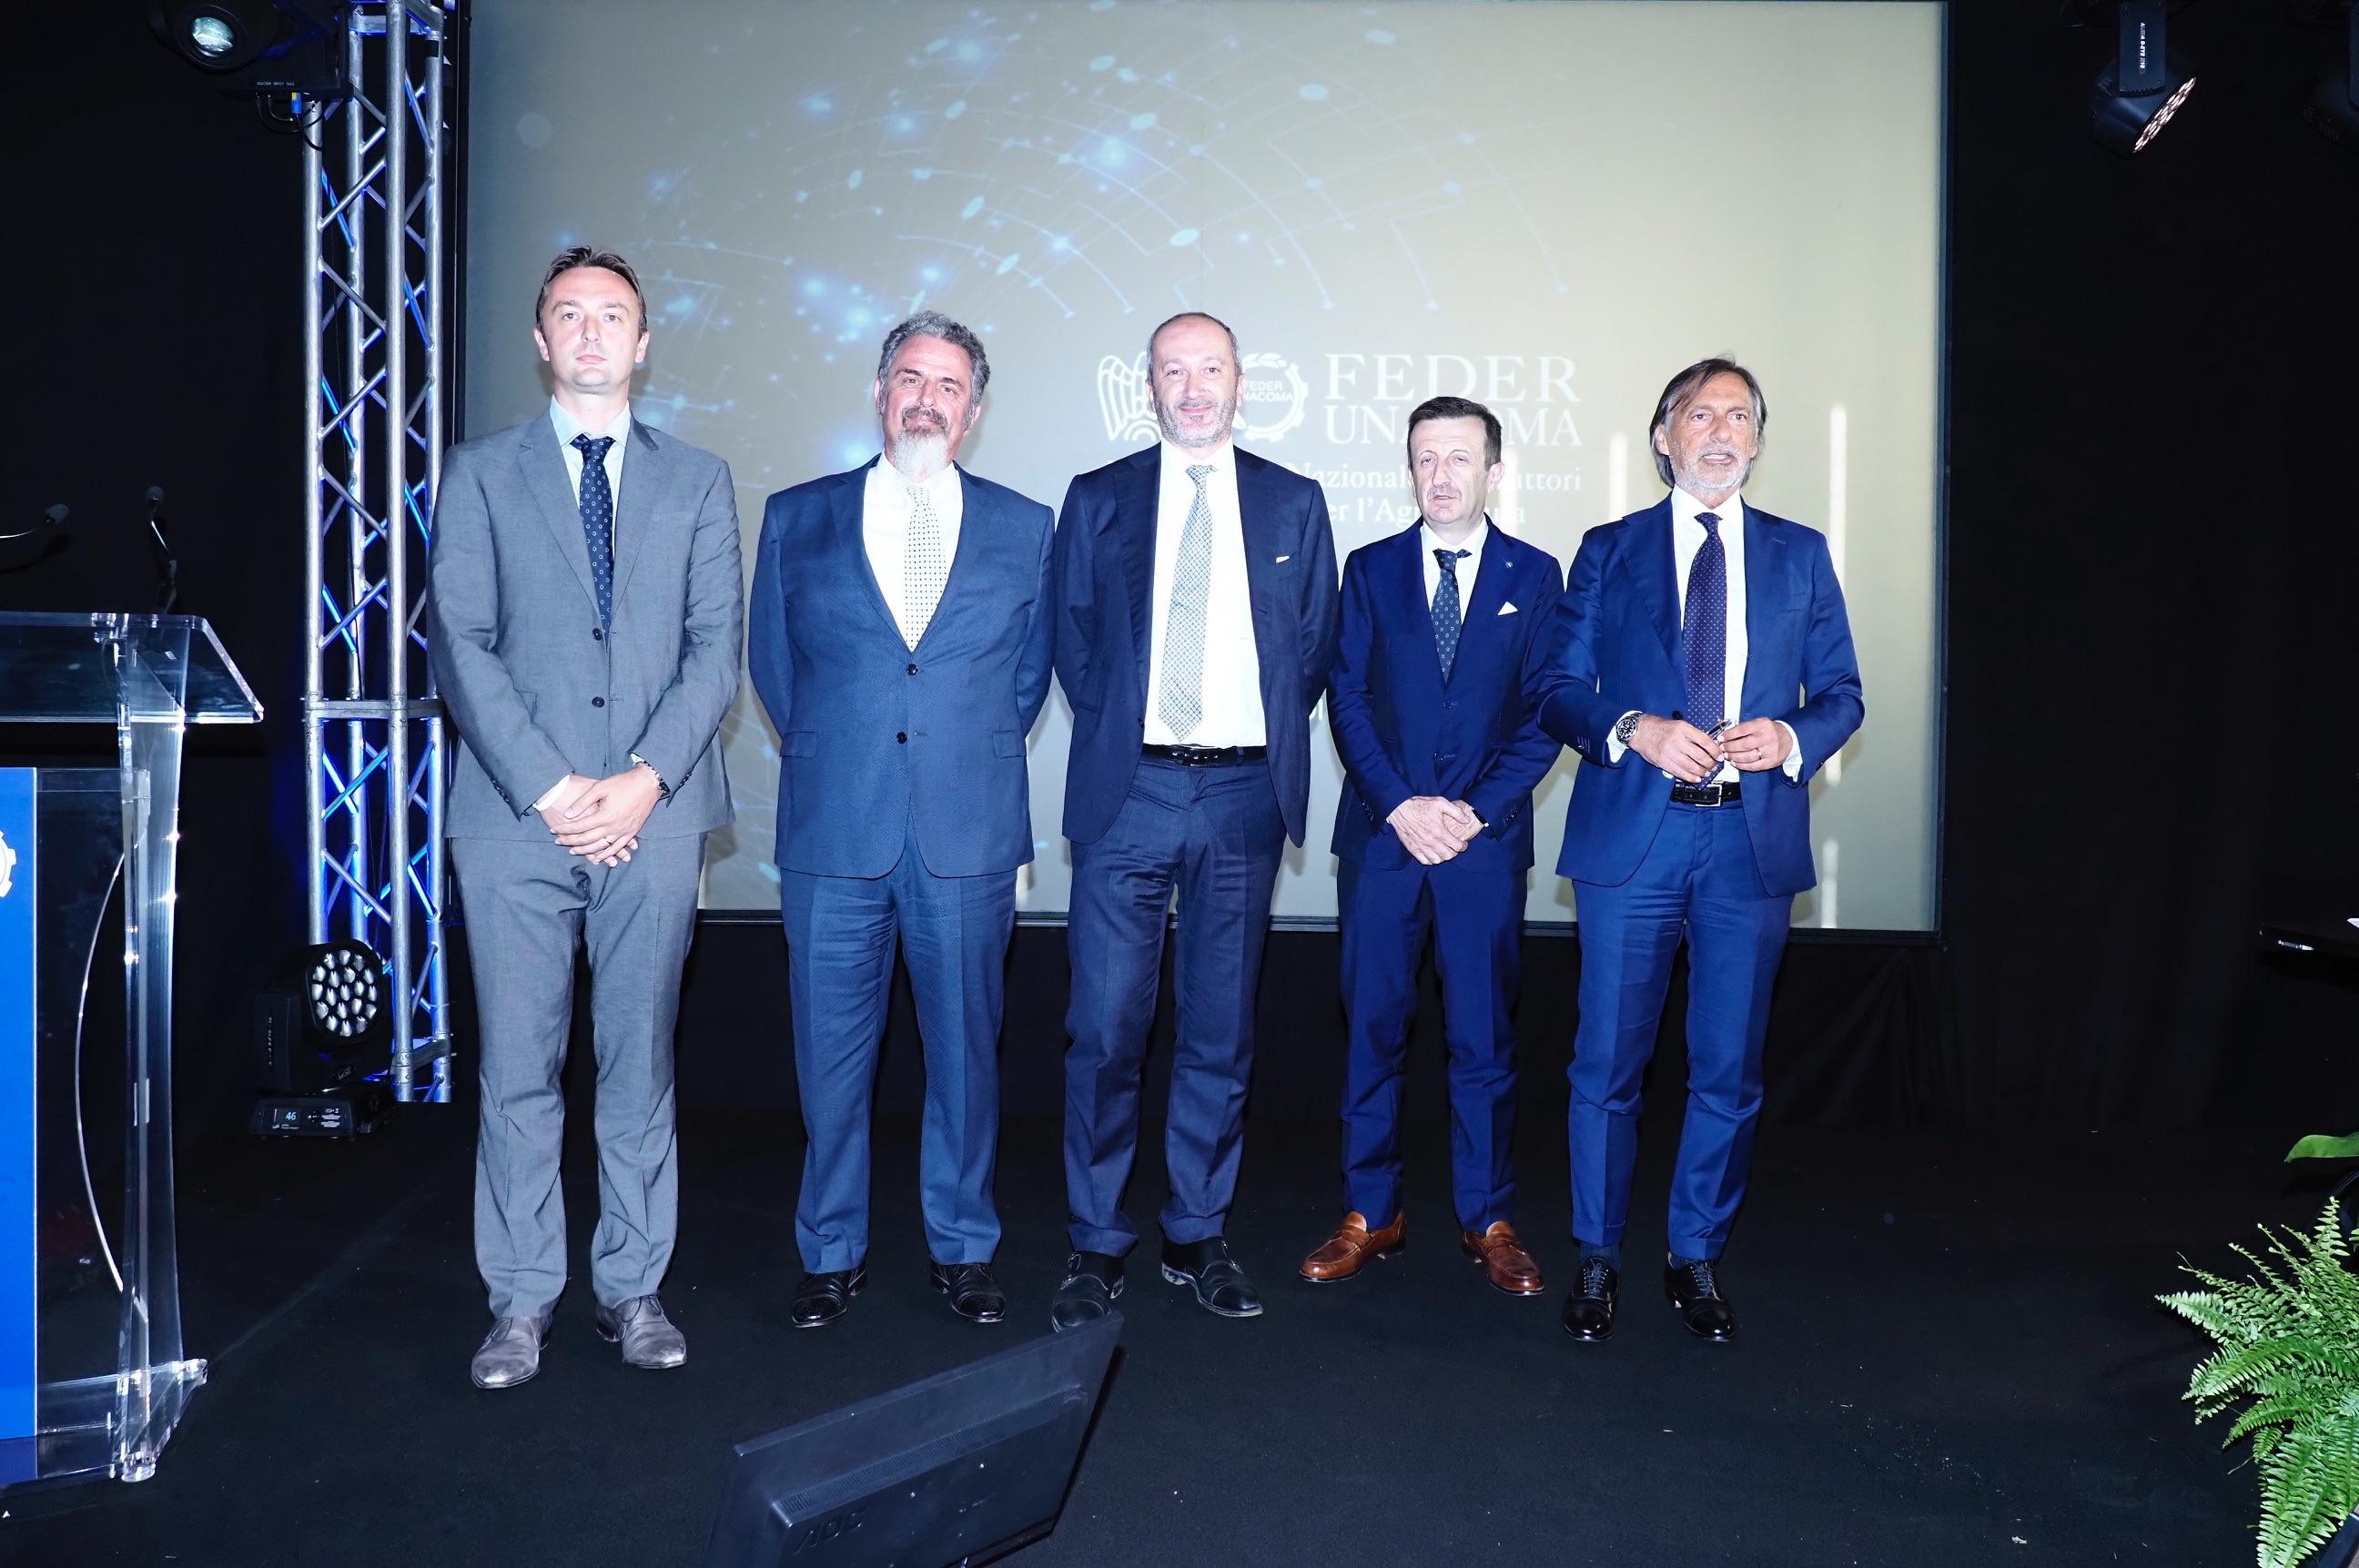 Nella foto da sinistra: Lorenzo Selvatici, Renato Cifarelli, Alessandro Malavolti, Pier Giorgio Salvarani, Manlio Martilli